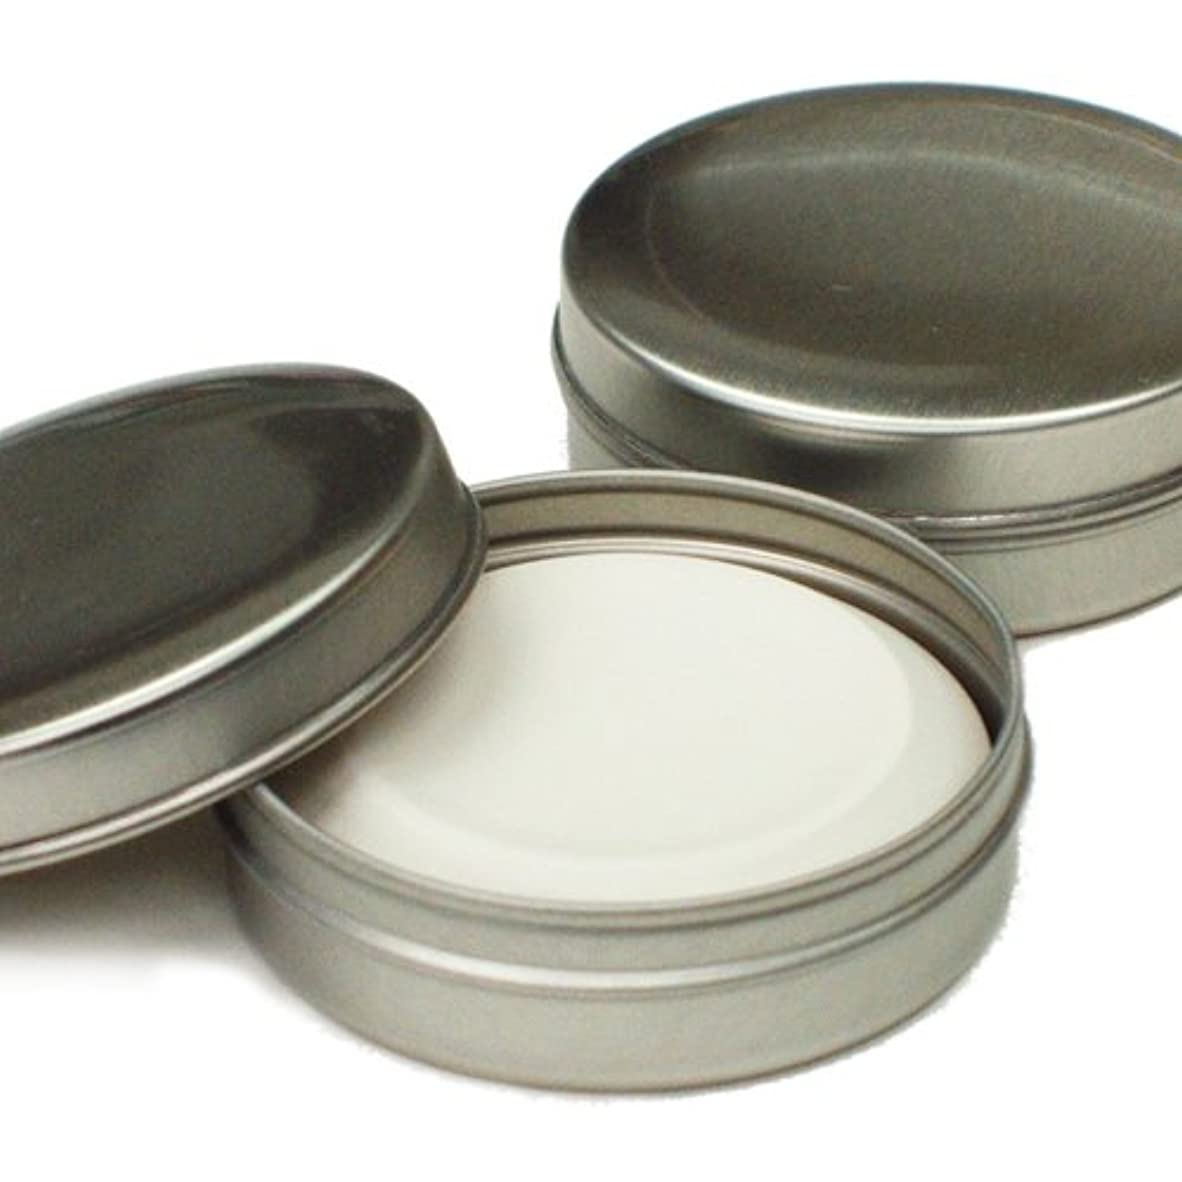 関係ない縫う委任するアロマストーン アロマプレート アルミ缶入 2個セット 日本製 素焼き 陶器 アロマディフューザー